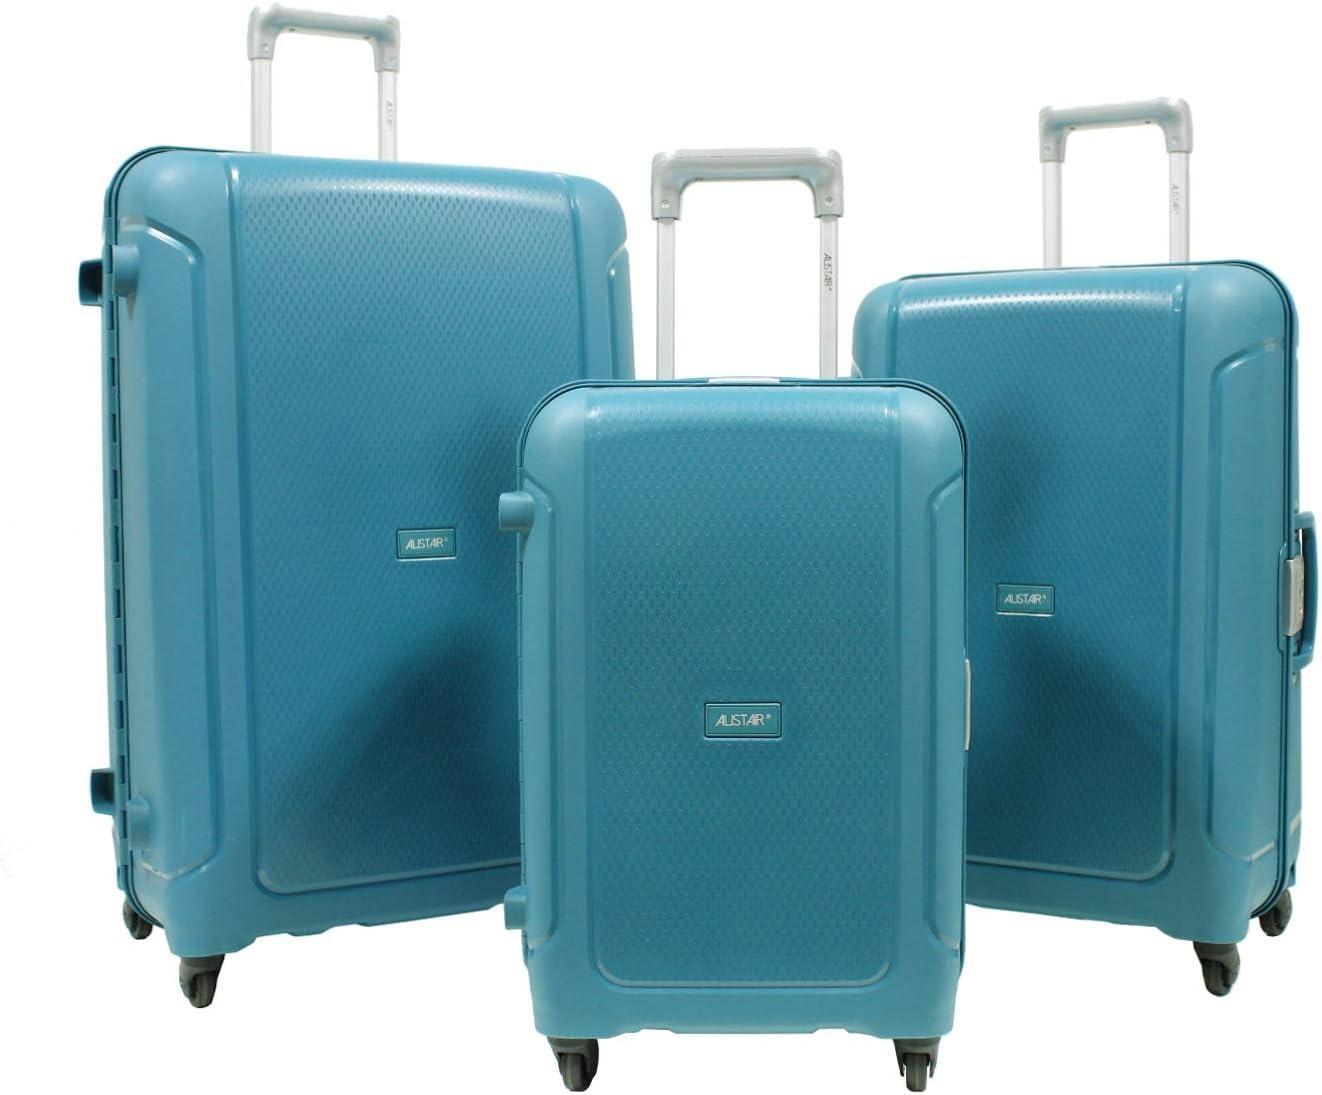 Polypropyl/ène Ultra l/ég/ères et r/ésistantes Marque fran/çaise Set de 3 Valises -55cm-67cm-78cm Bleu Marine ALISTAIR X-Lock 4 Roues